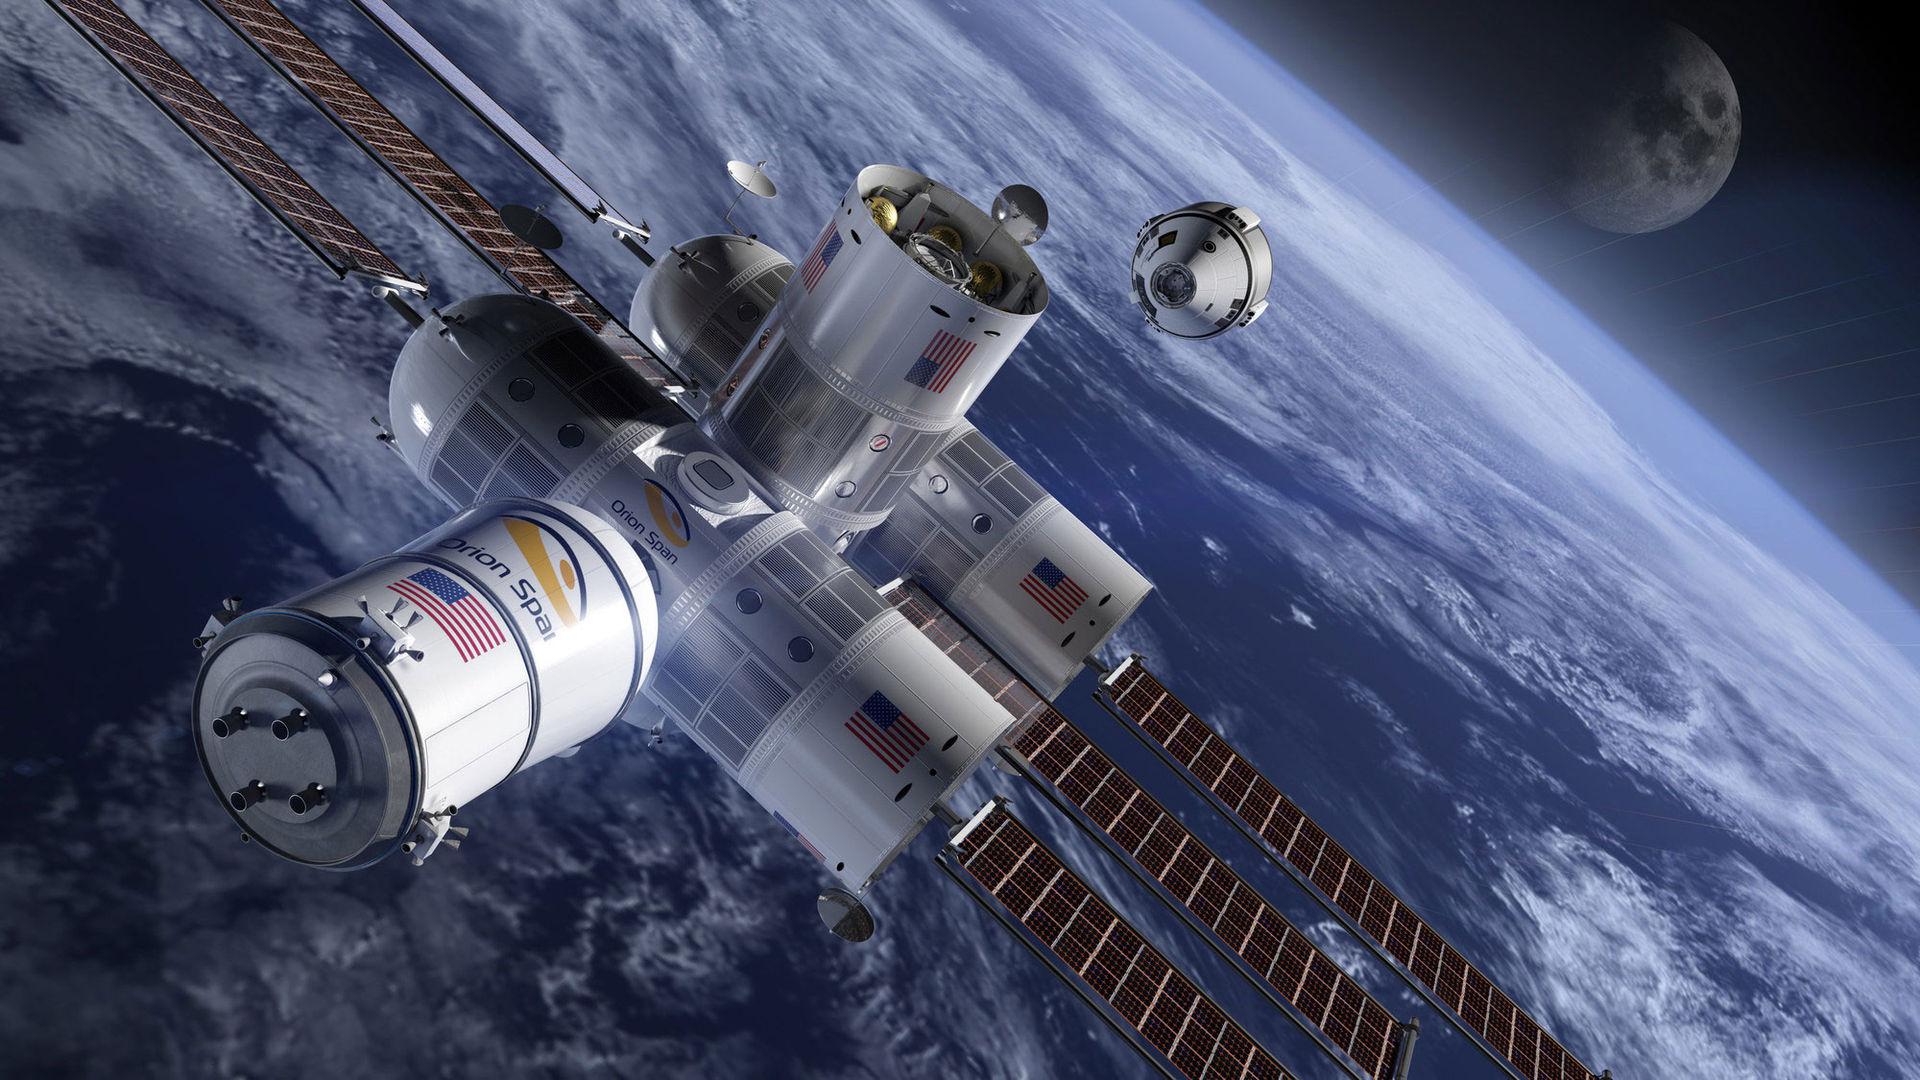 2022 öppnar det här lyxhotellet i rymden